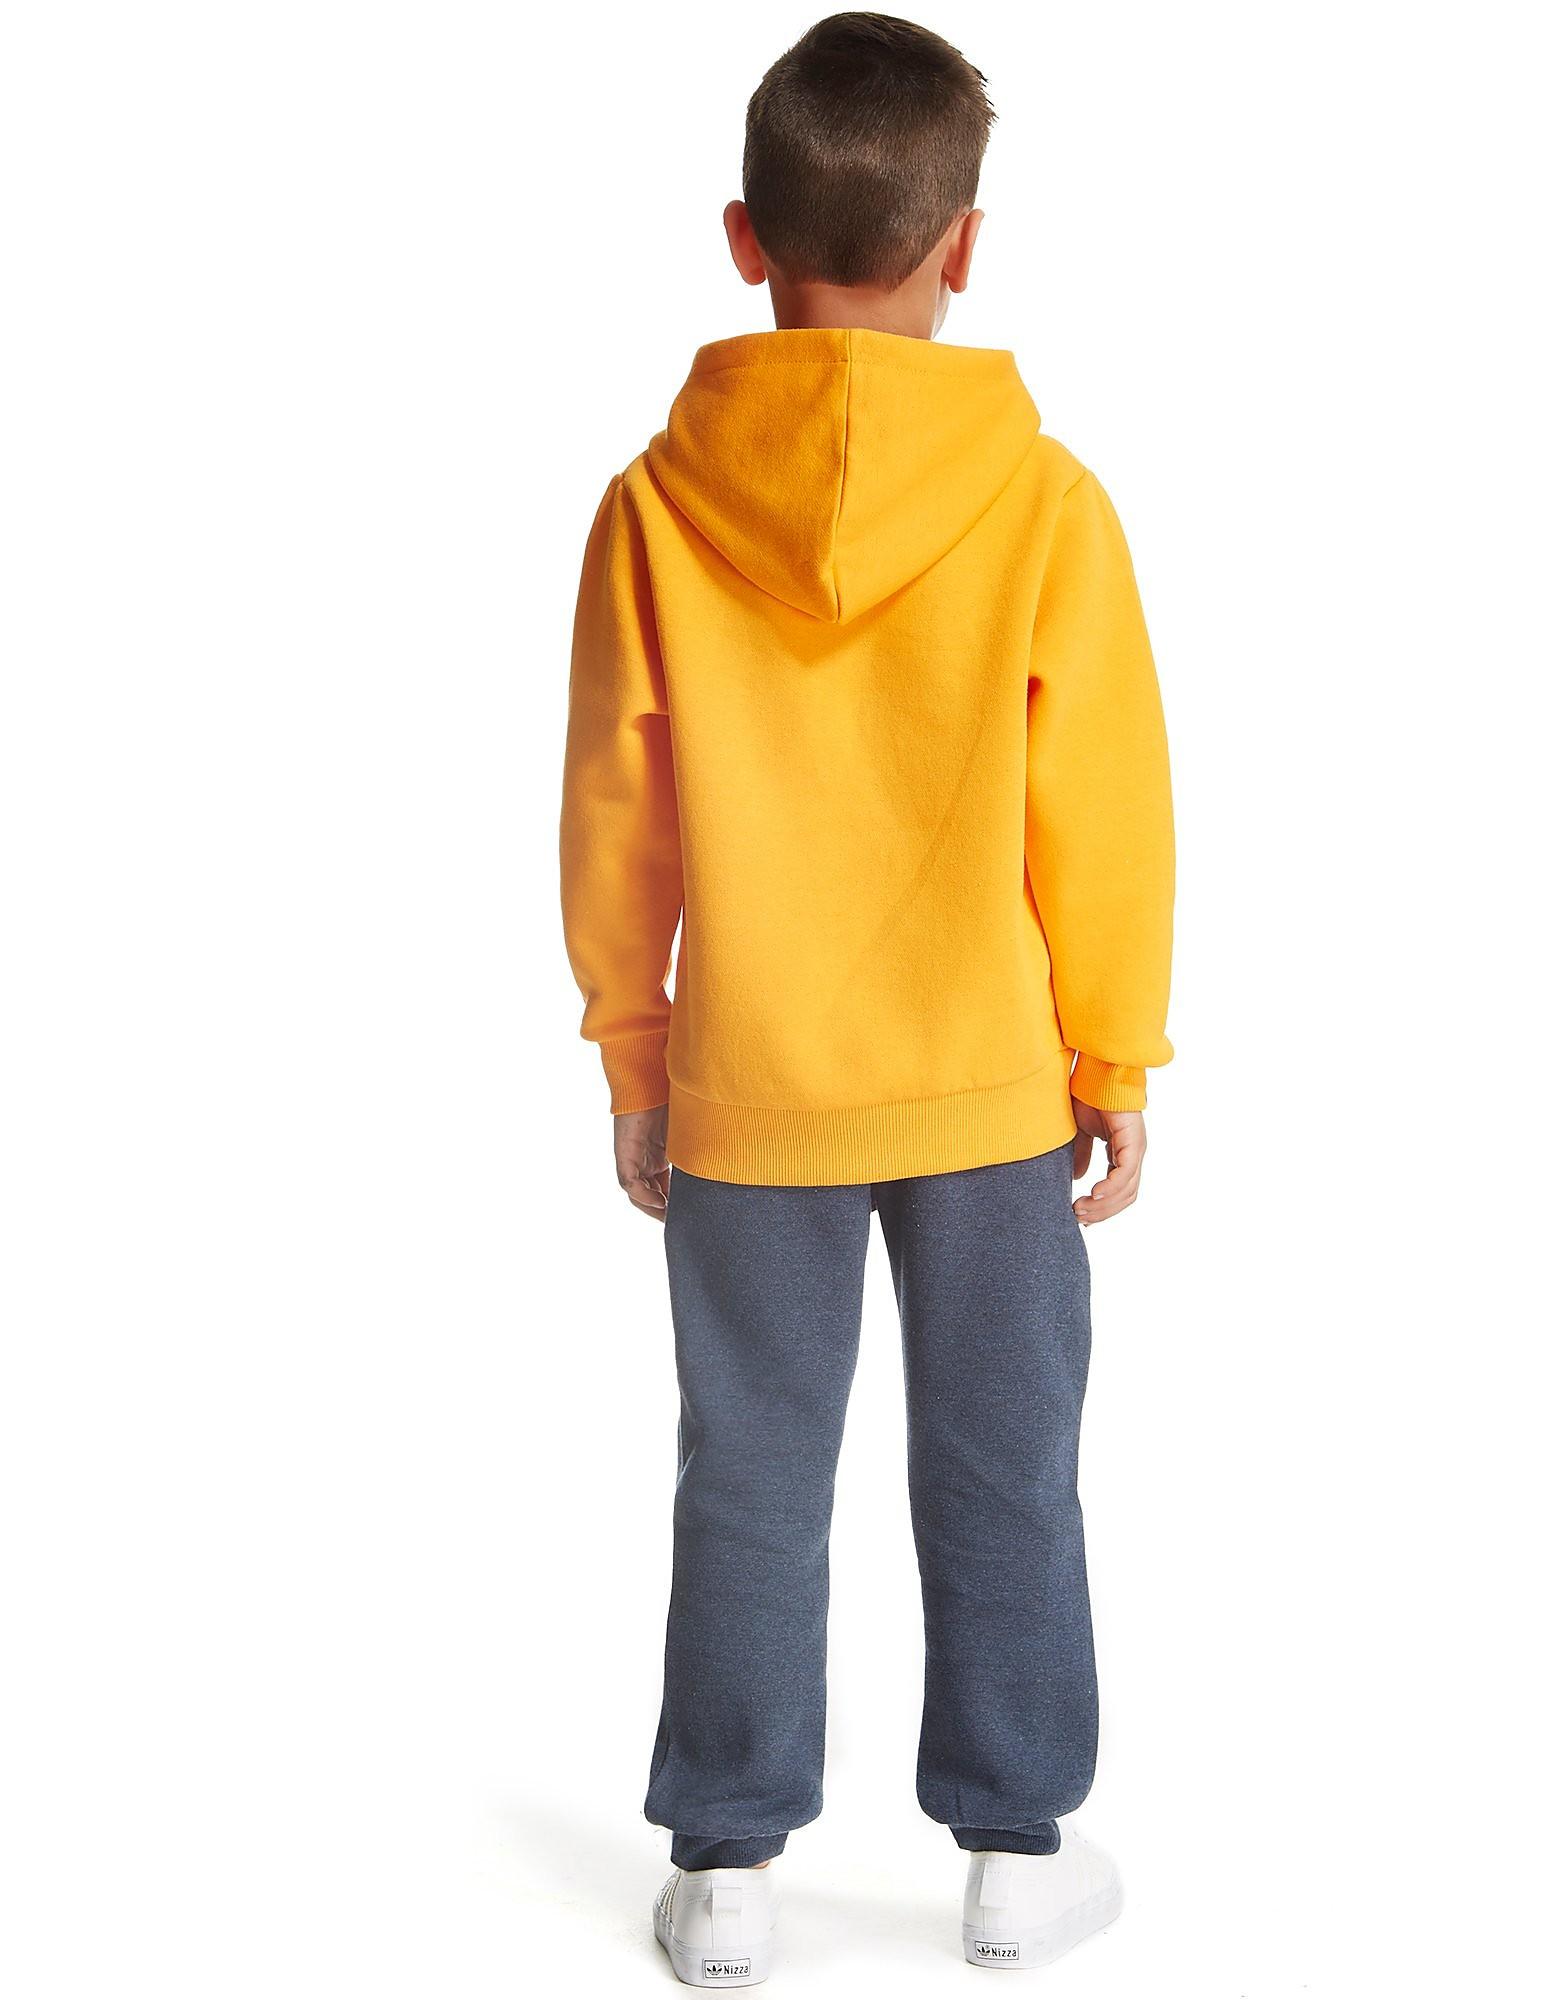 Carbrini Reed Suit Children